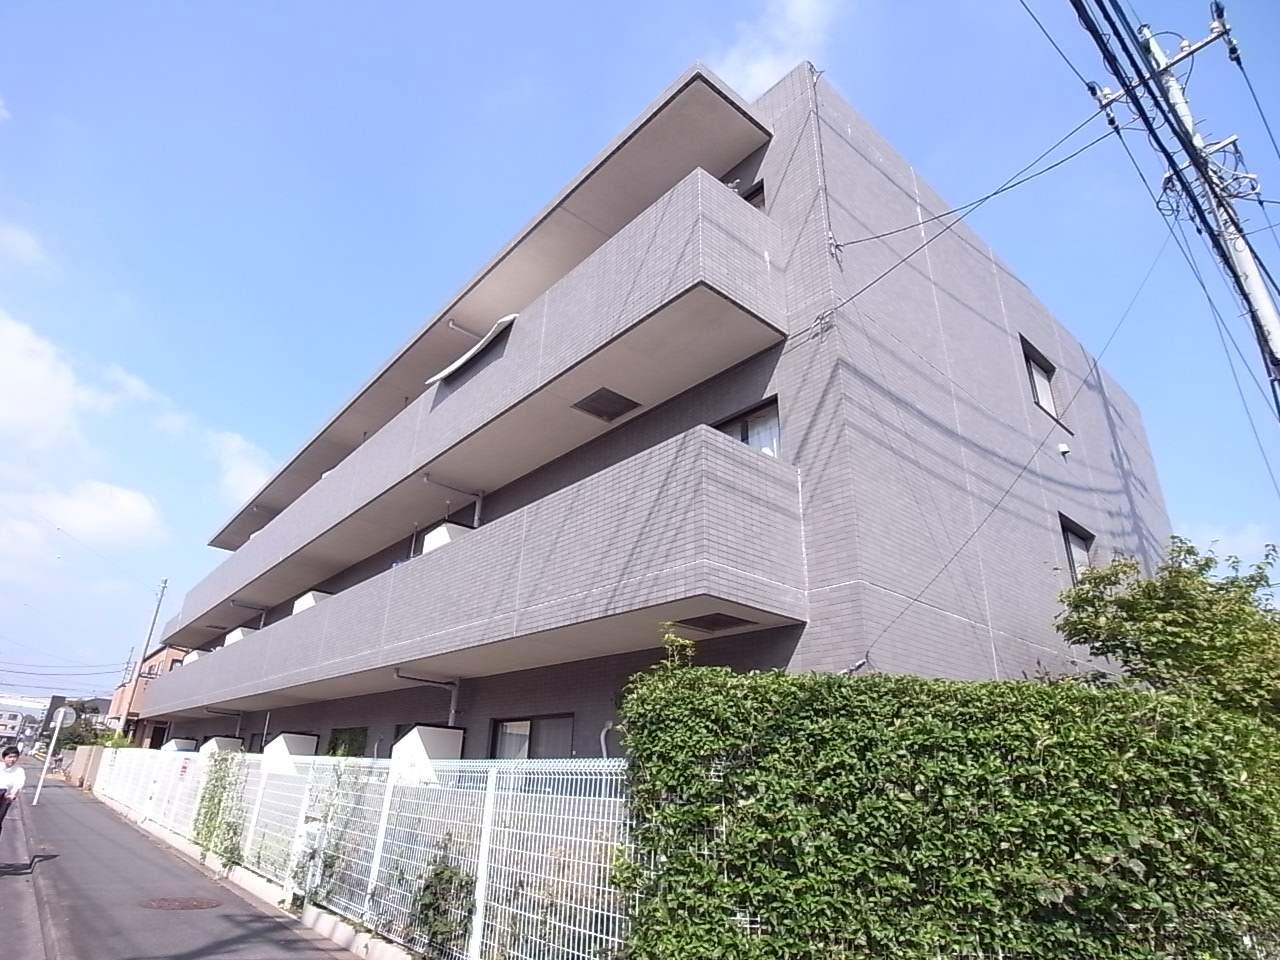 東京都日野市、程久保駅徒歩15分の築22年 3階建の賃貸マンション